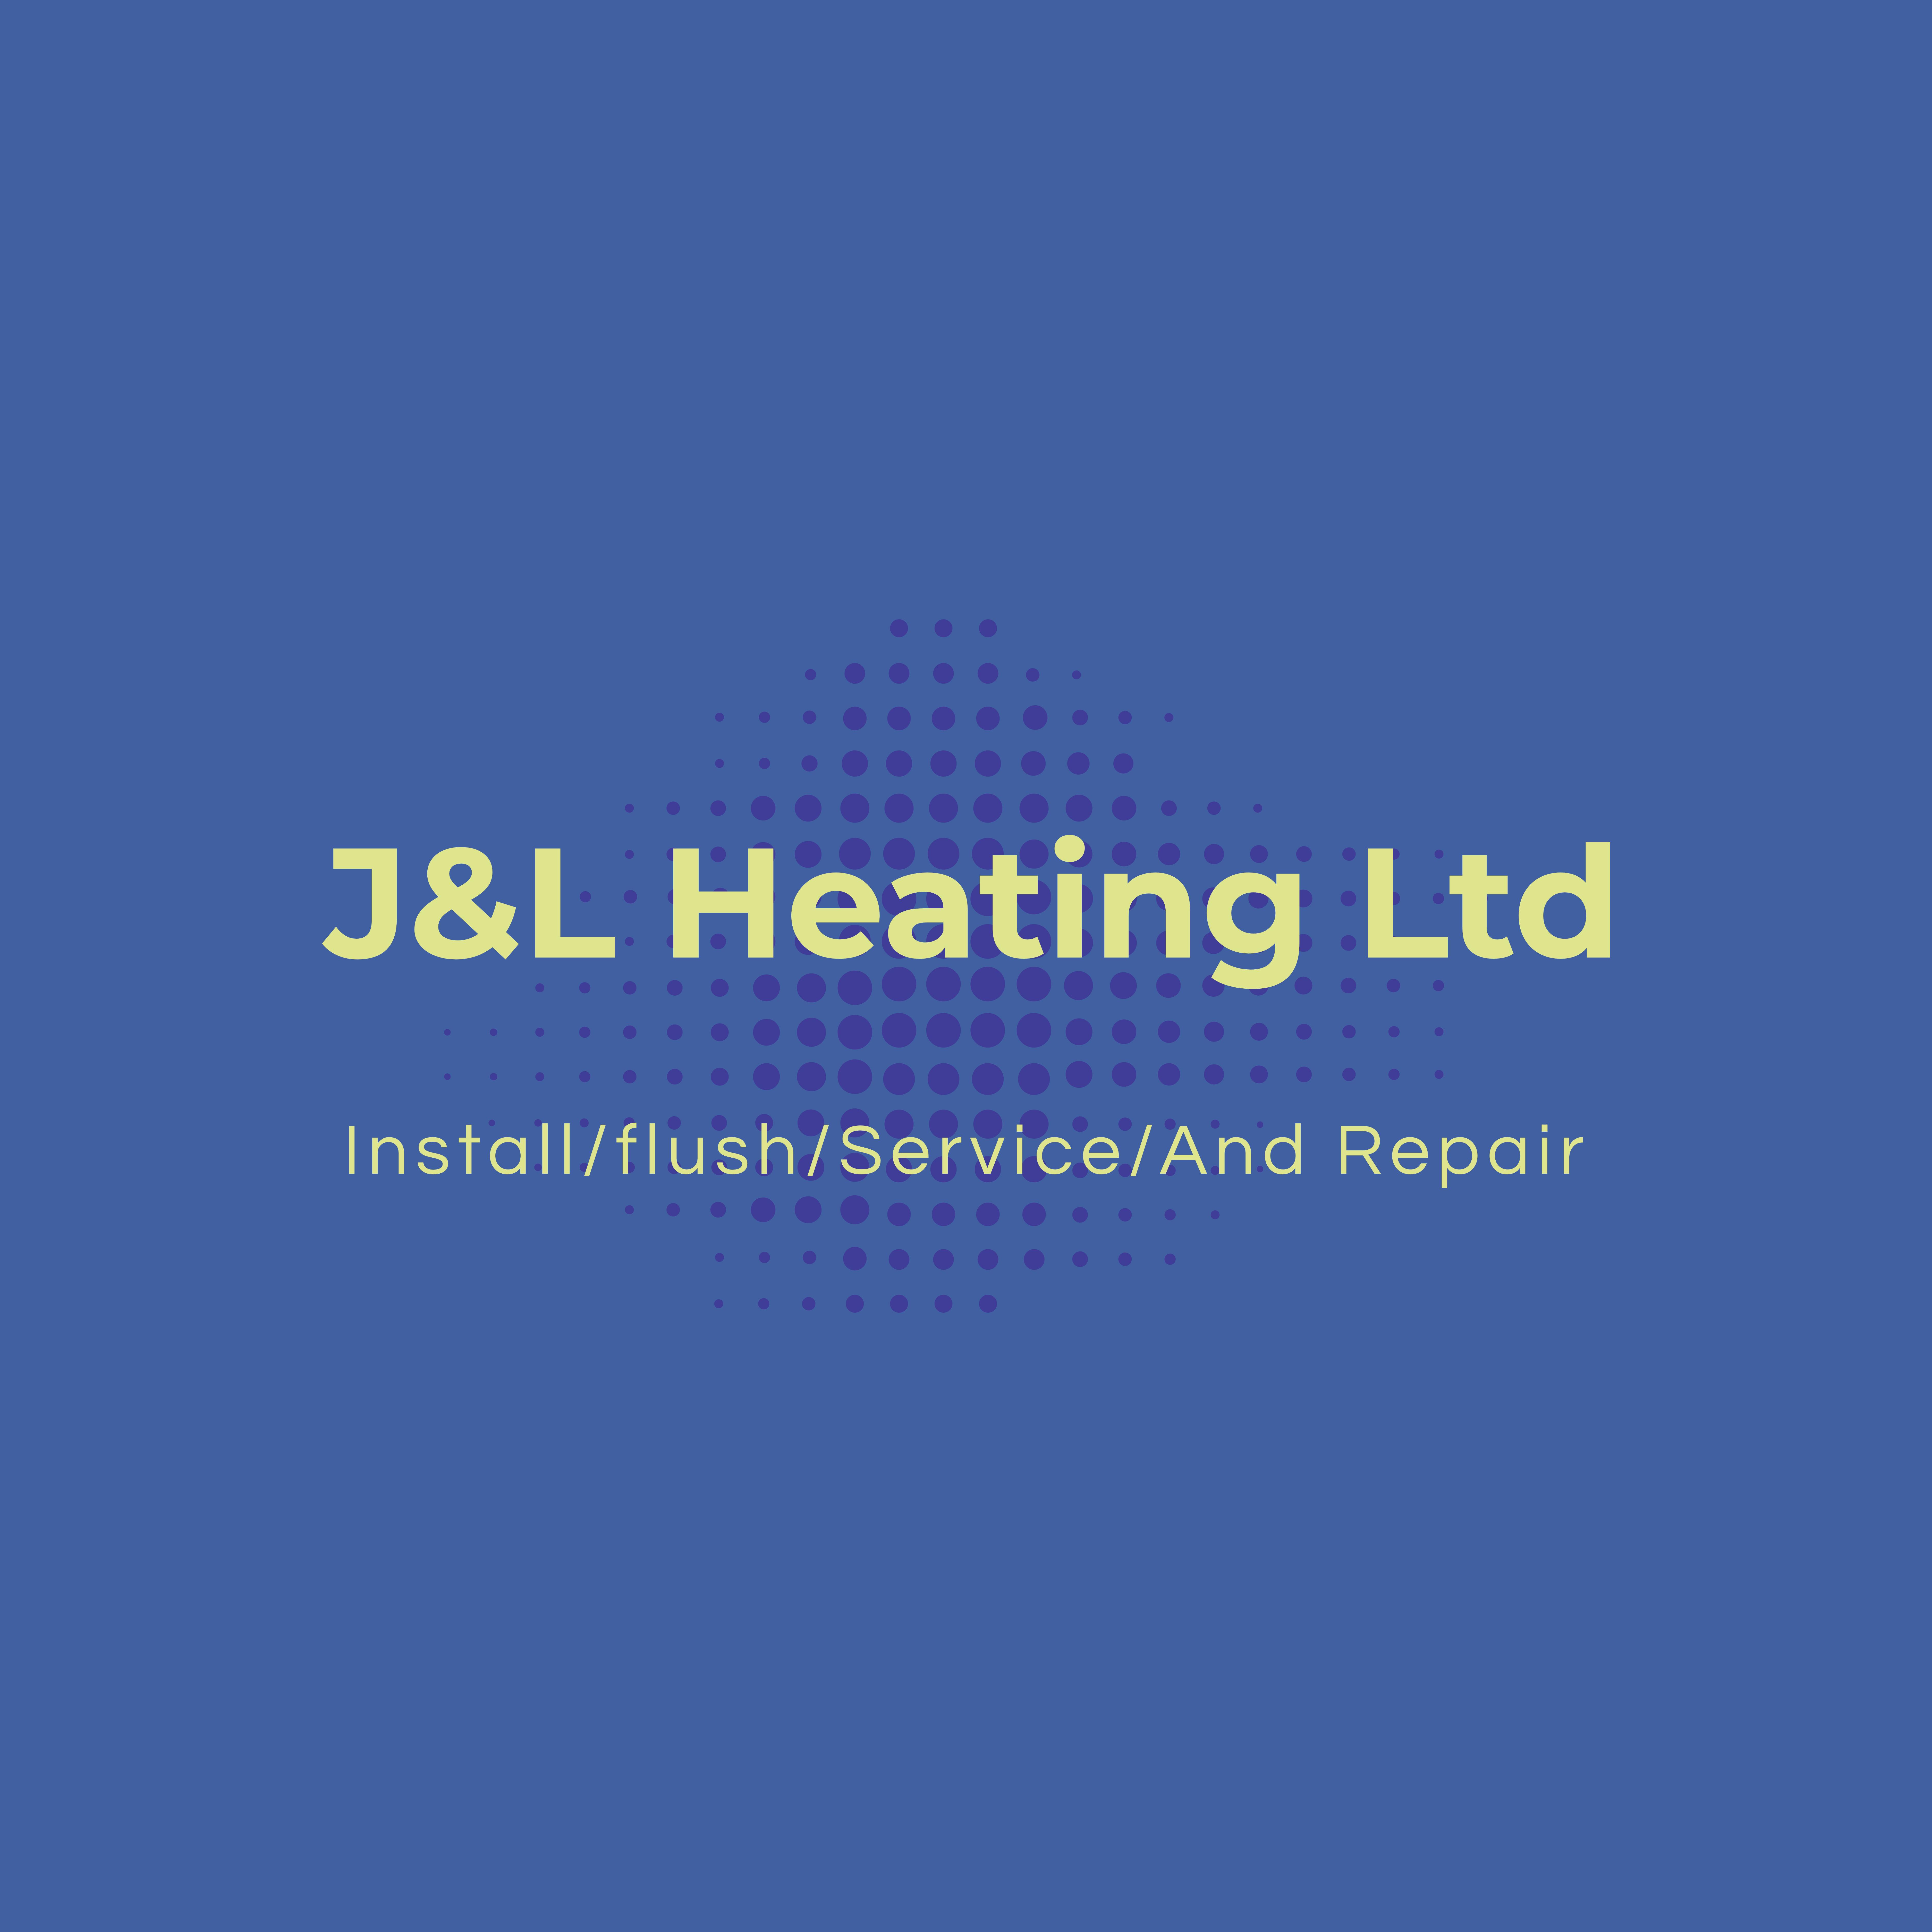 J&L Heating Ltd Verified Logo